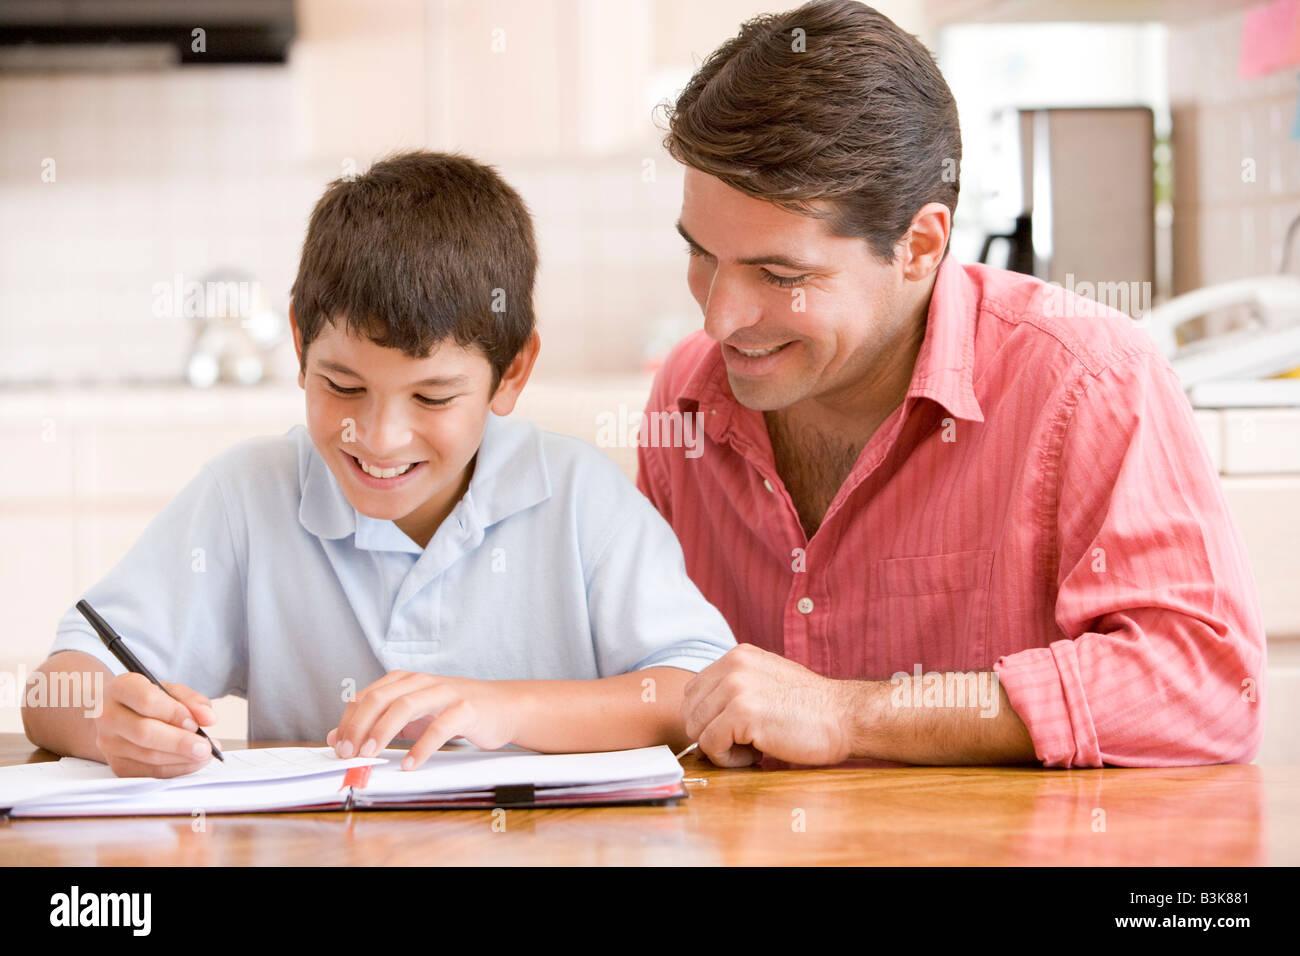 L'uomo aiutando giovane ragazzo in cucina a fare i compiti di scuola e sorridente Immagini Stock